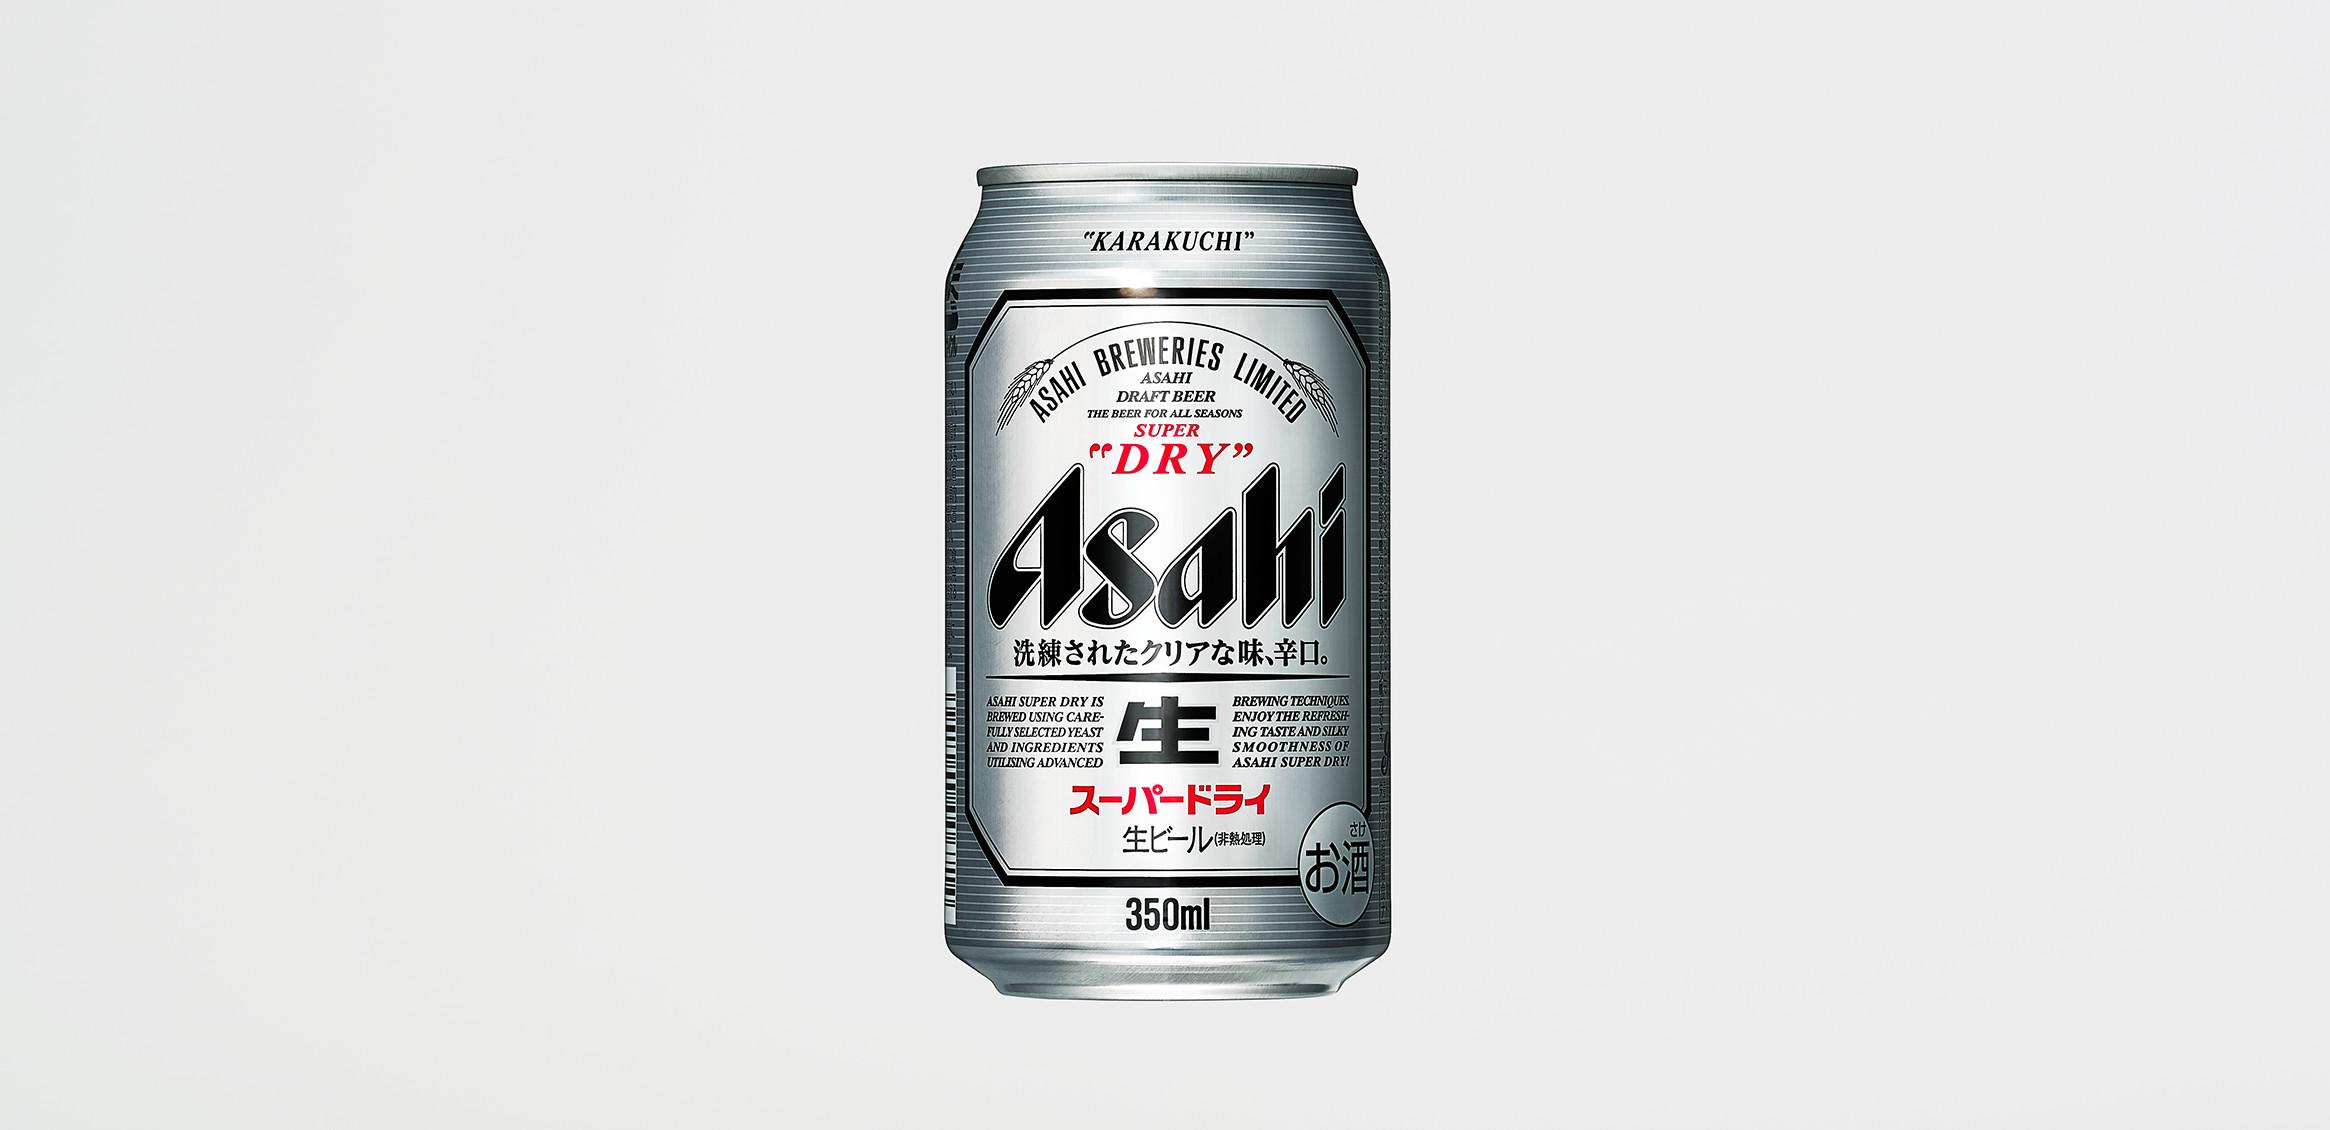 アサヒ スーパードライ0枚目